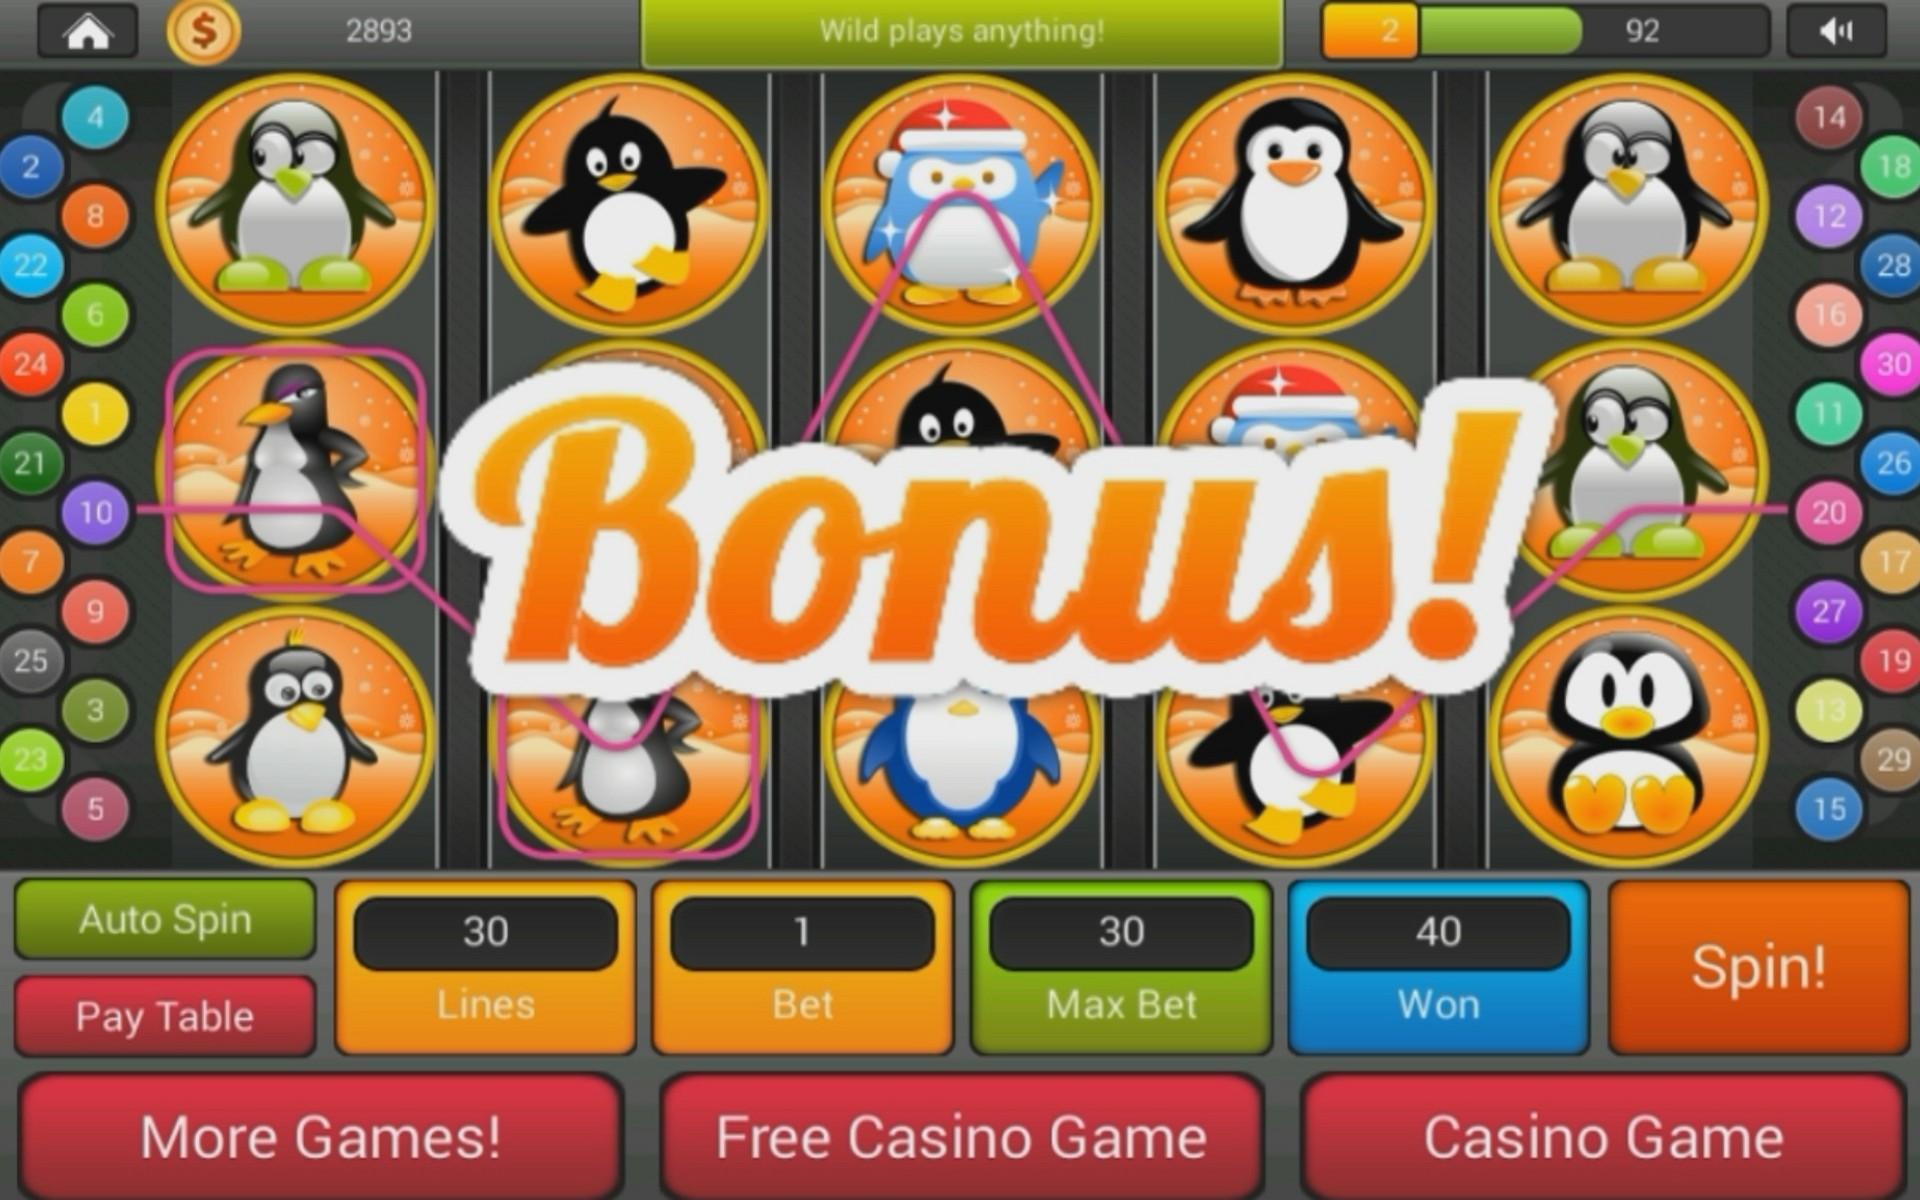 juegos gratis slot machine